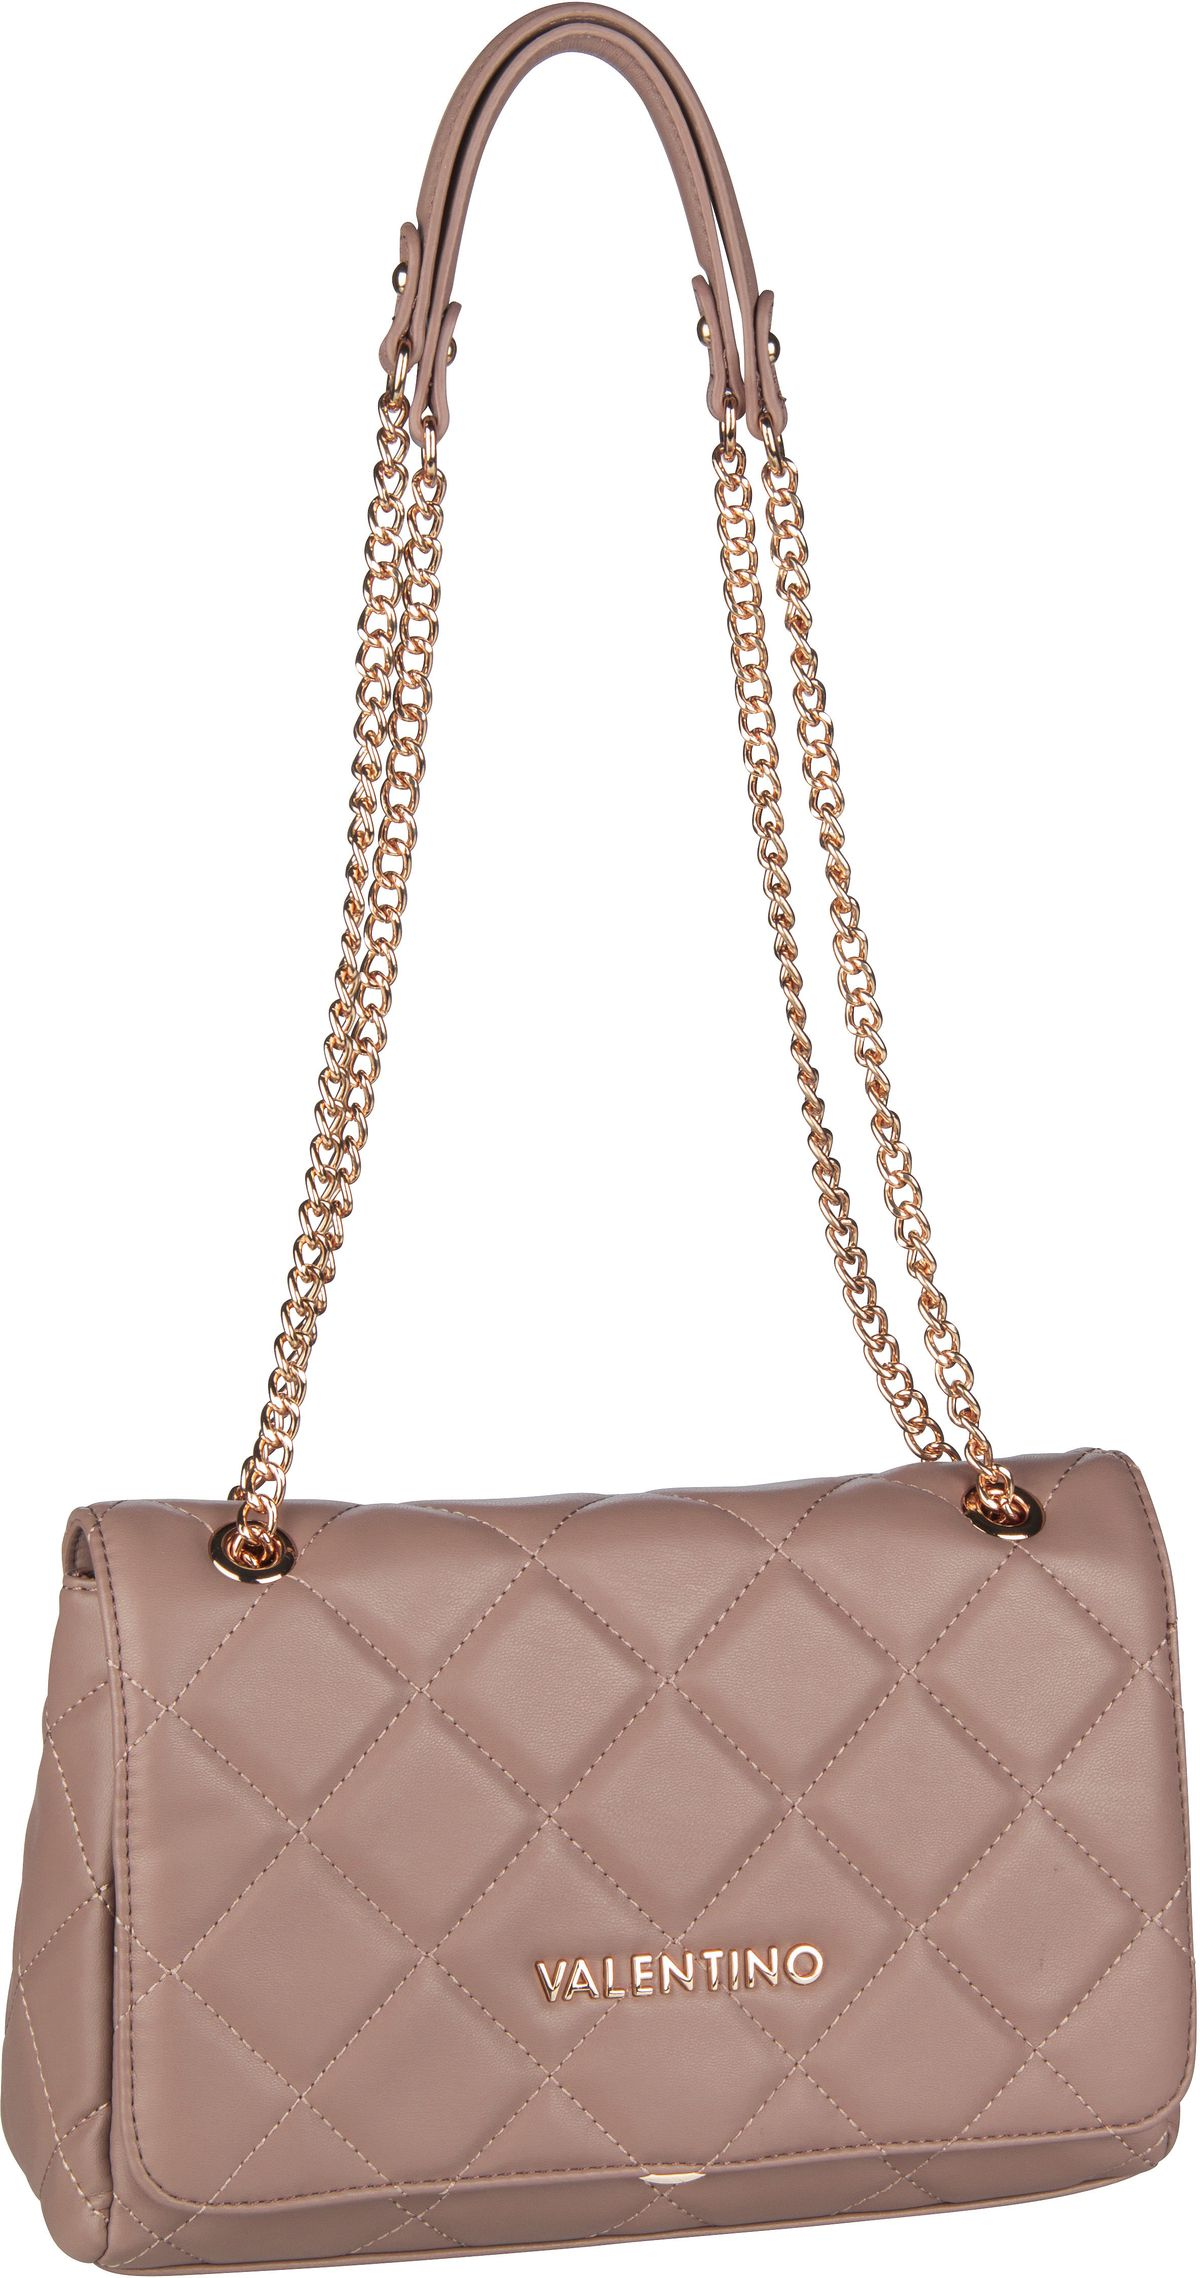 Bags Handtasche Ocarina Pattina K02 Taupe